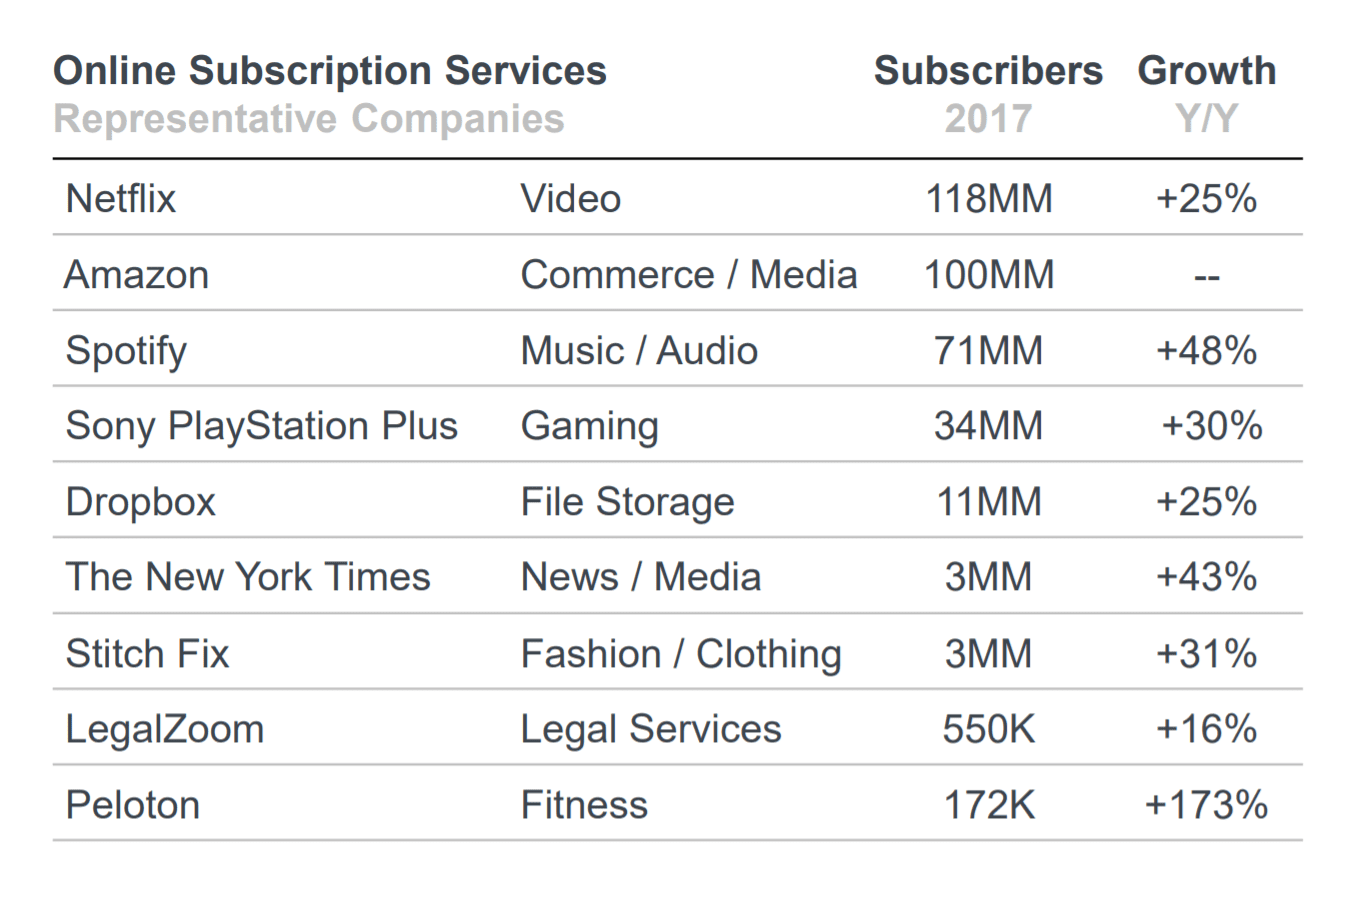 메리 미커의 온라인 서브스크리션 서비스 구독자 수 및 증가율